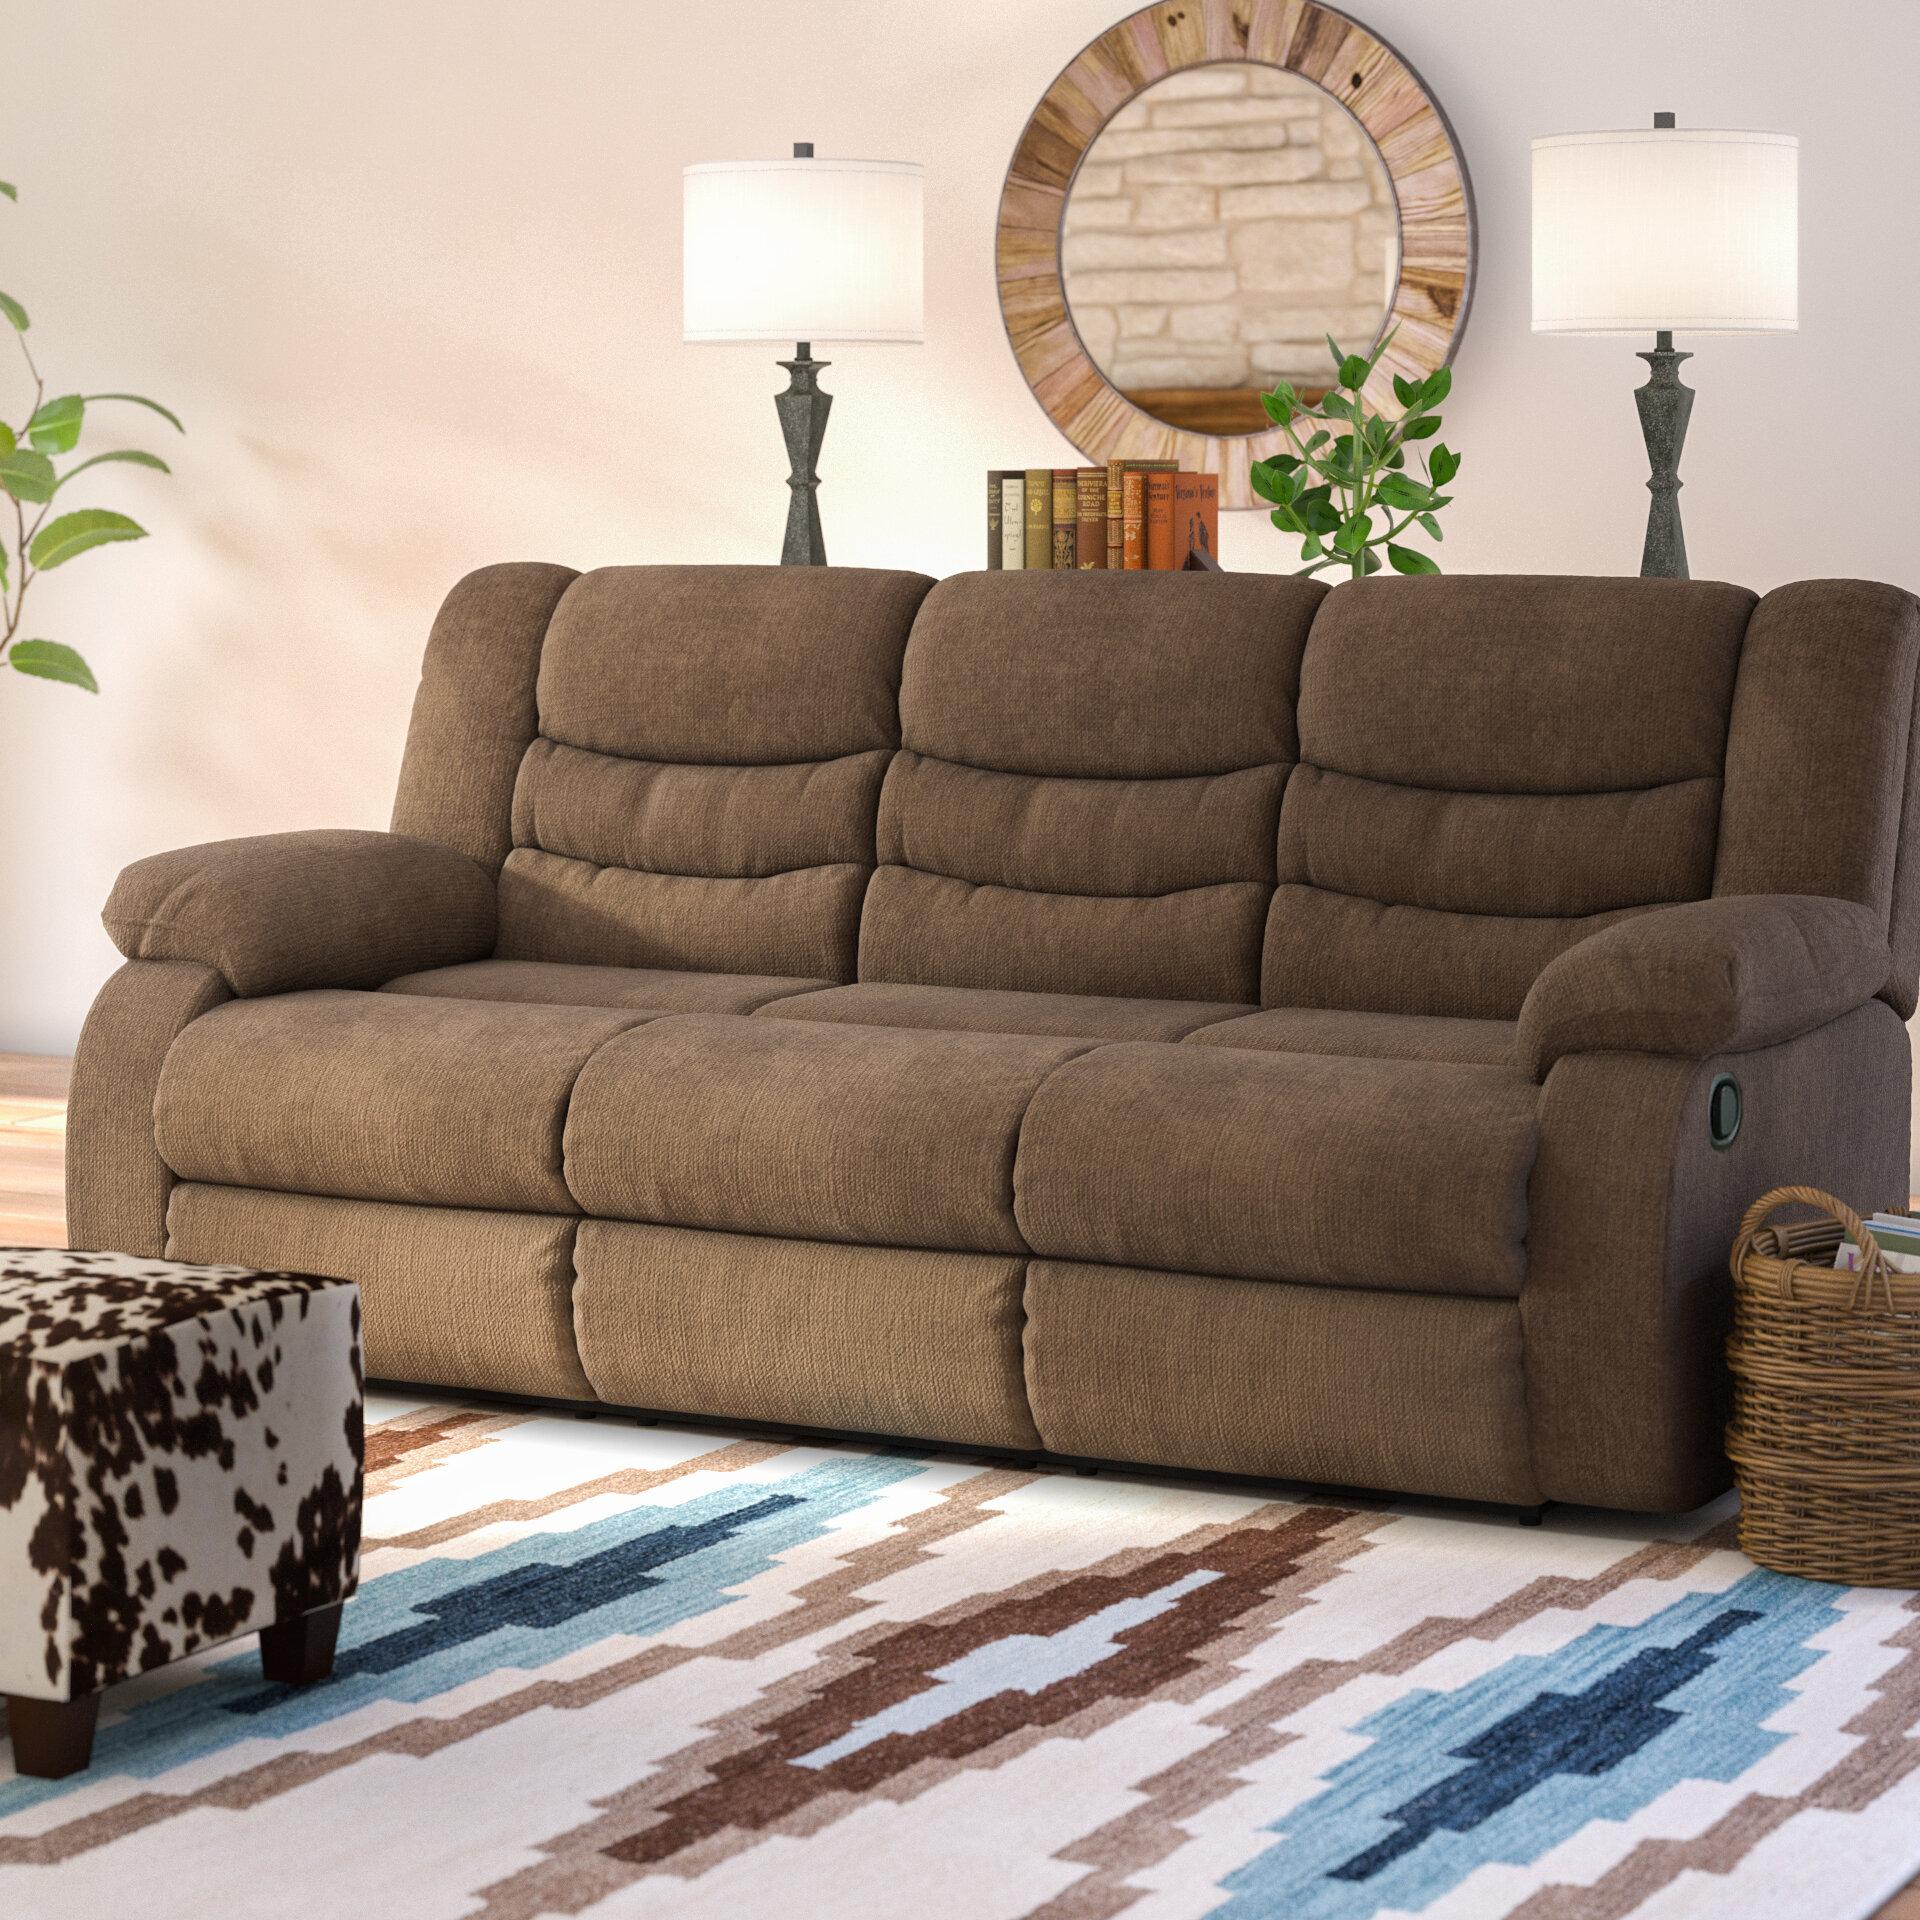 Merveilleux Andover Mills Drennan Reclining Sofa U0026 Reviews | Wayfair